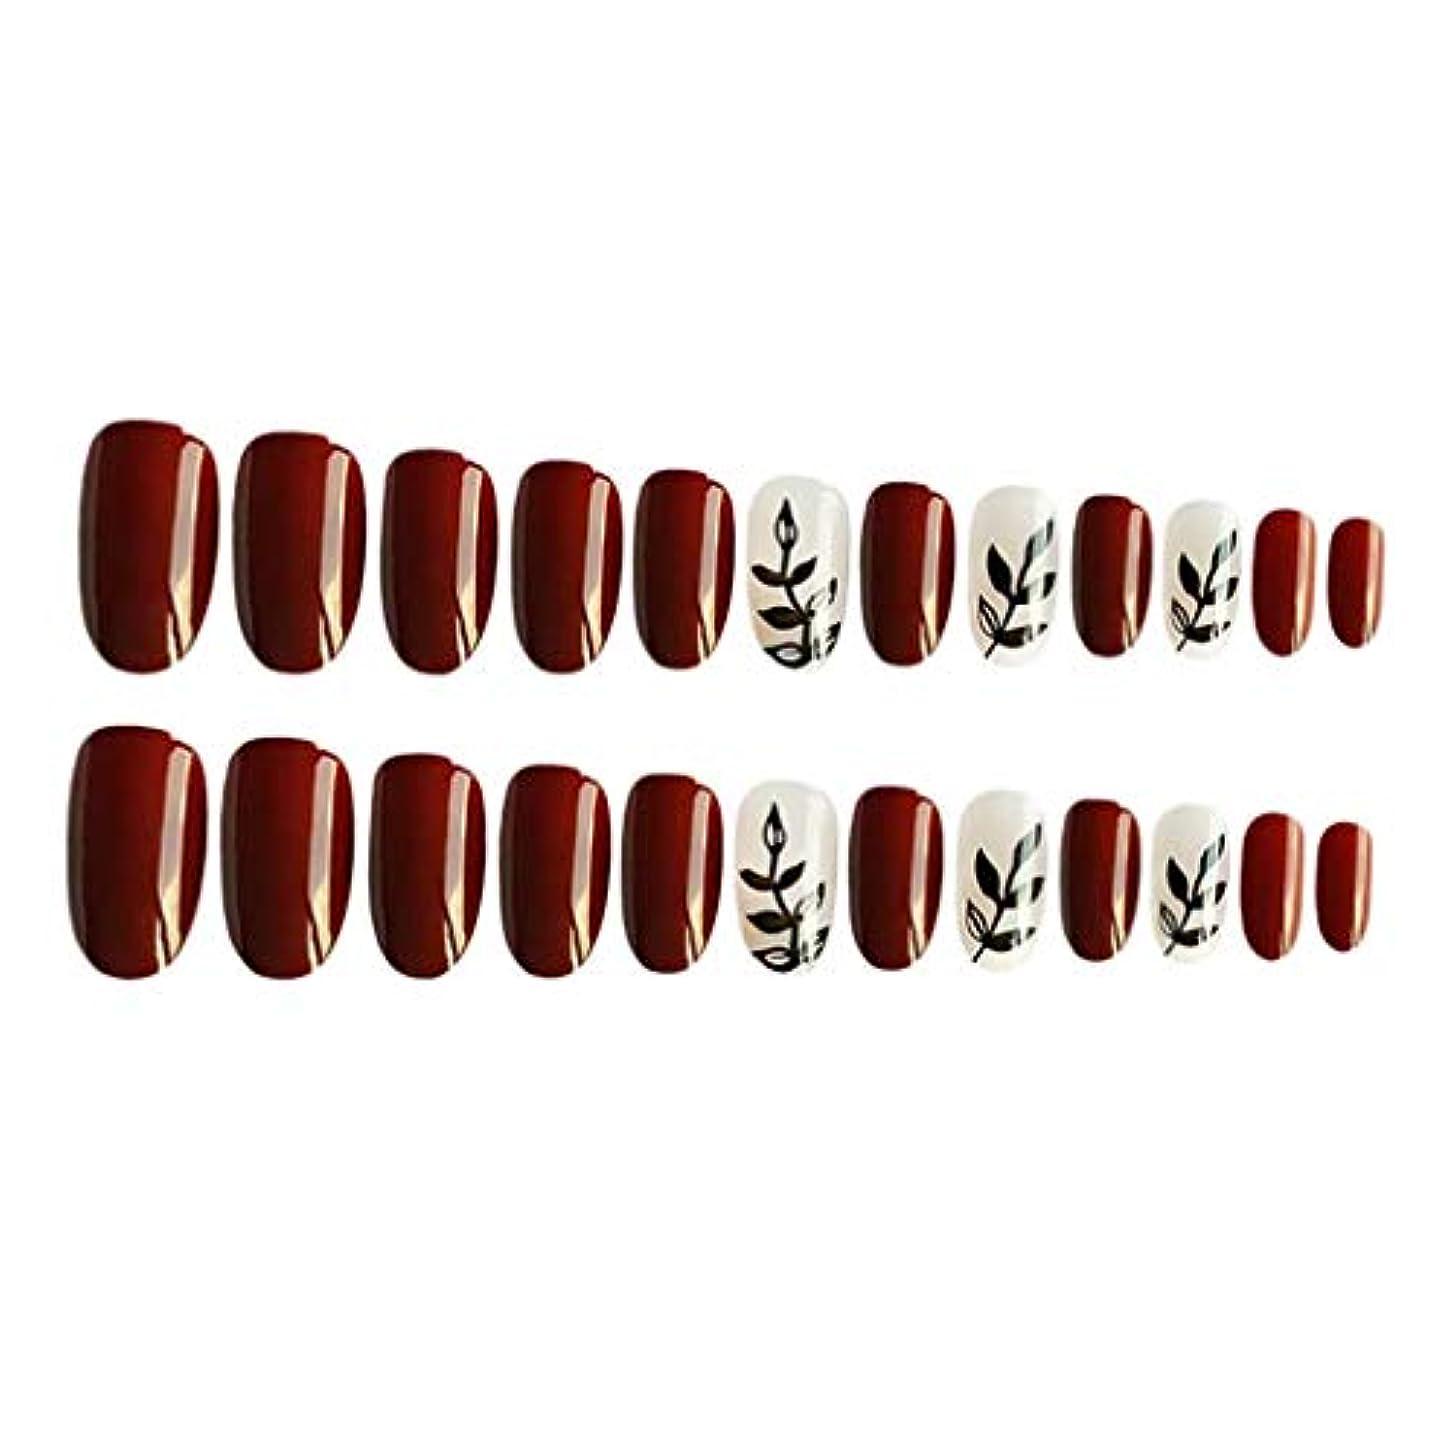 暗殺最適代わりのネイルチップ つけ爪 付け爪 ネイルステッカー 人工爪 ネイルアート サロン 用品 約24個入り 全4カラー - 01